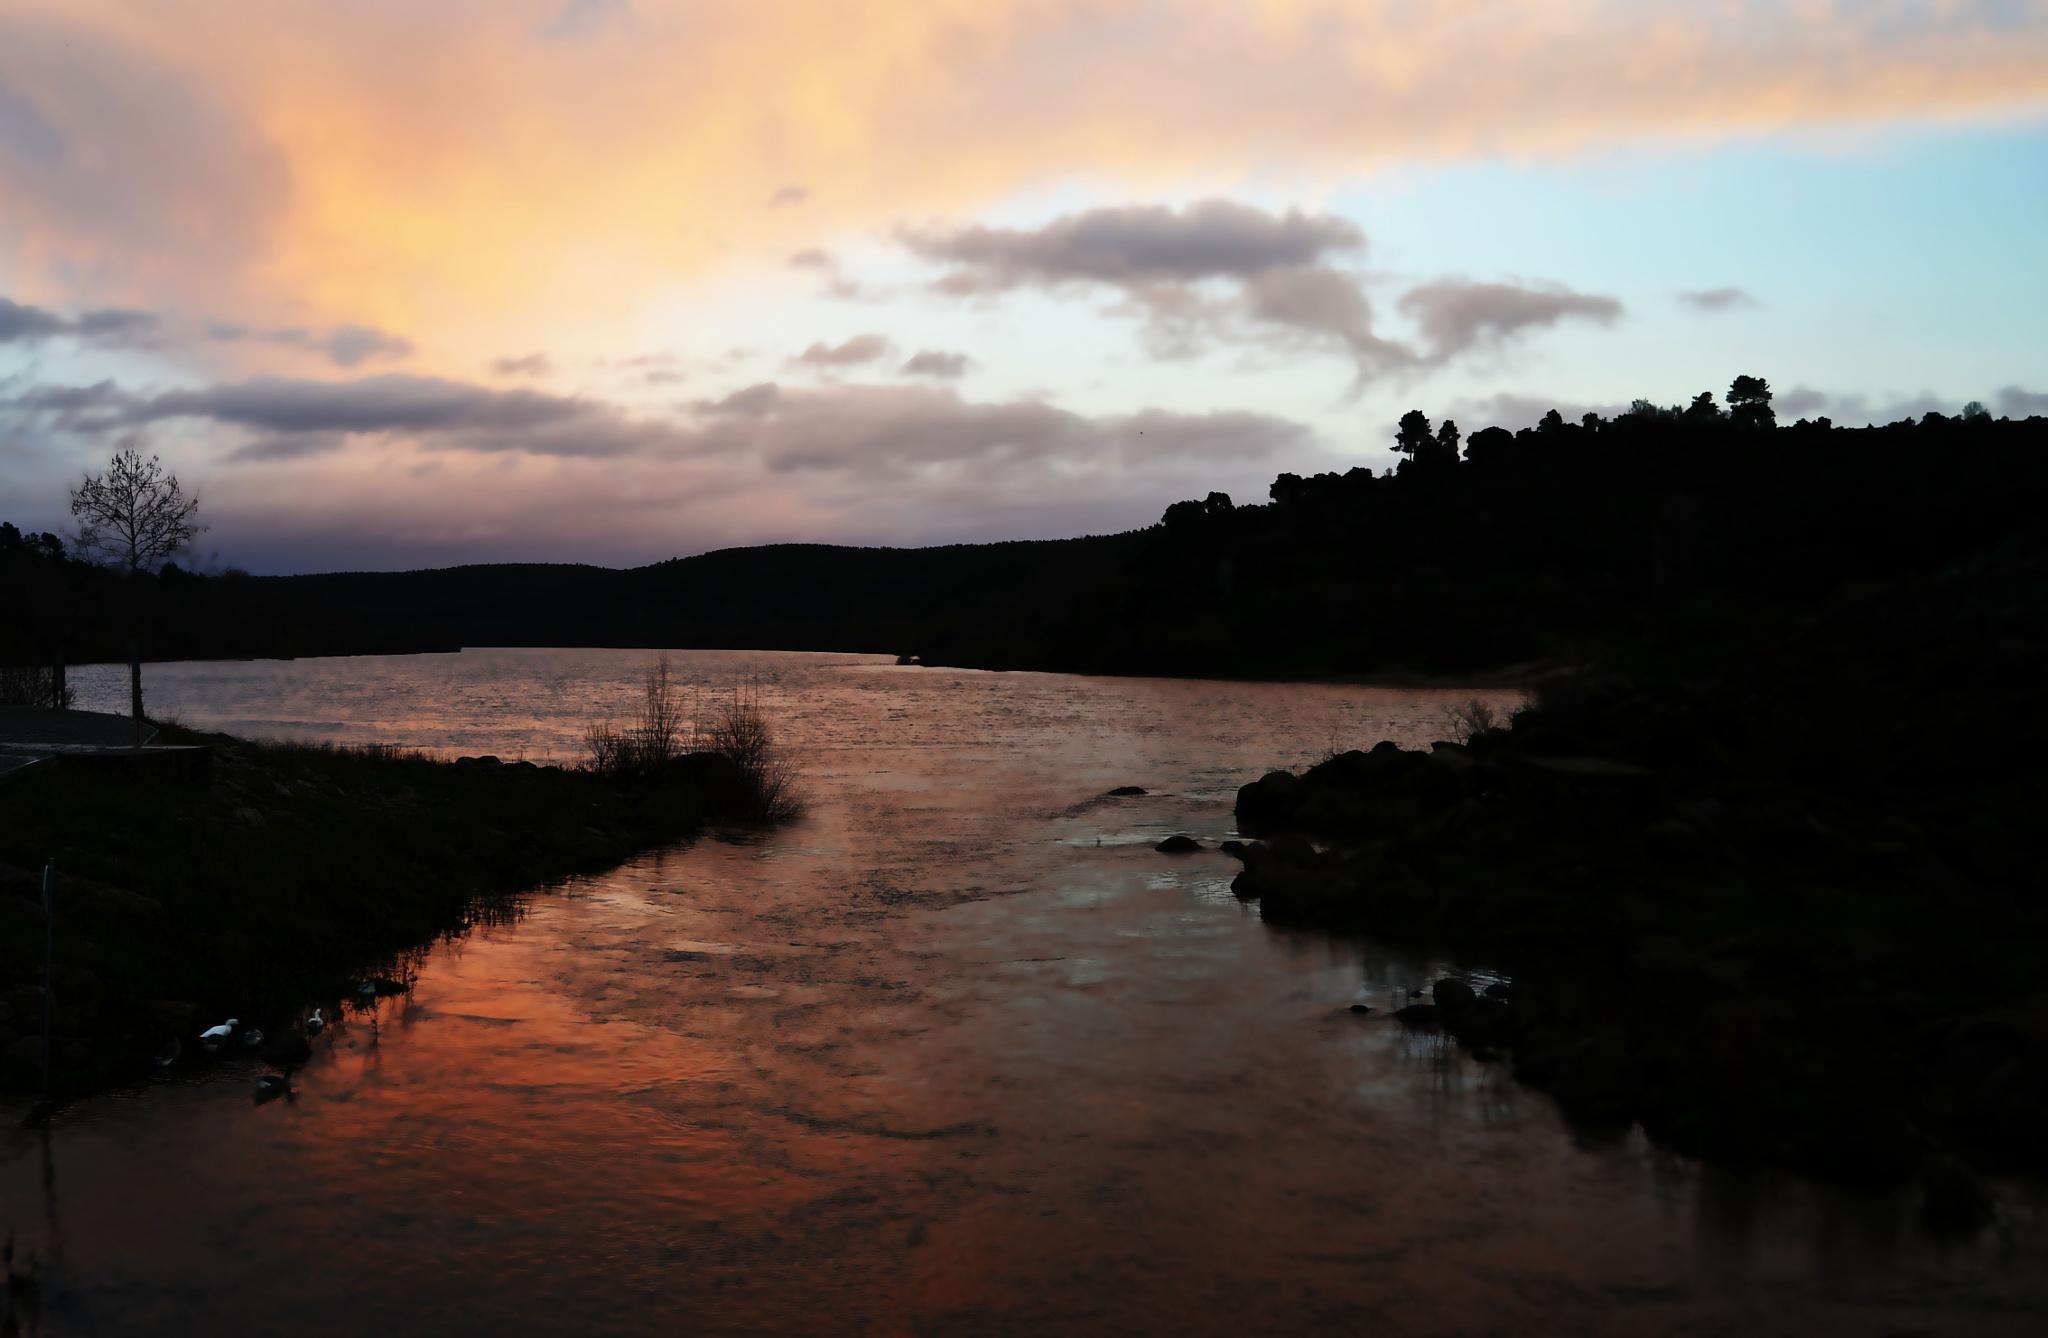 O rio adormece by paulaobox11181429